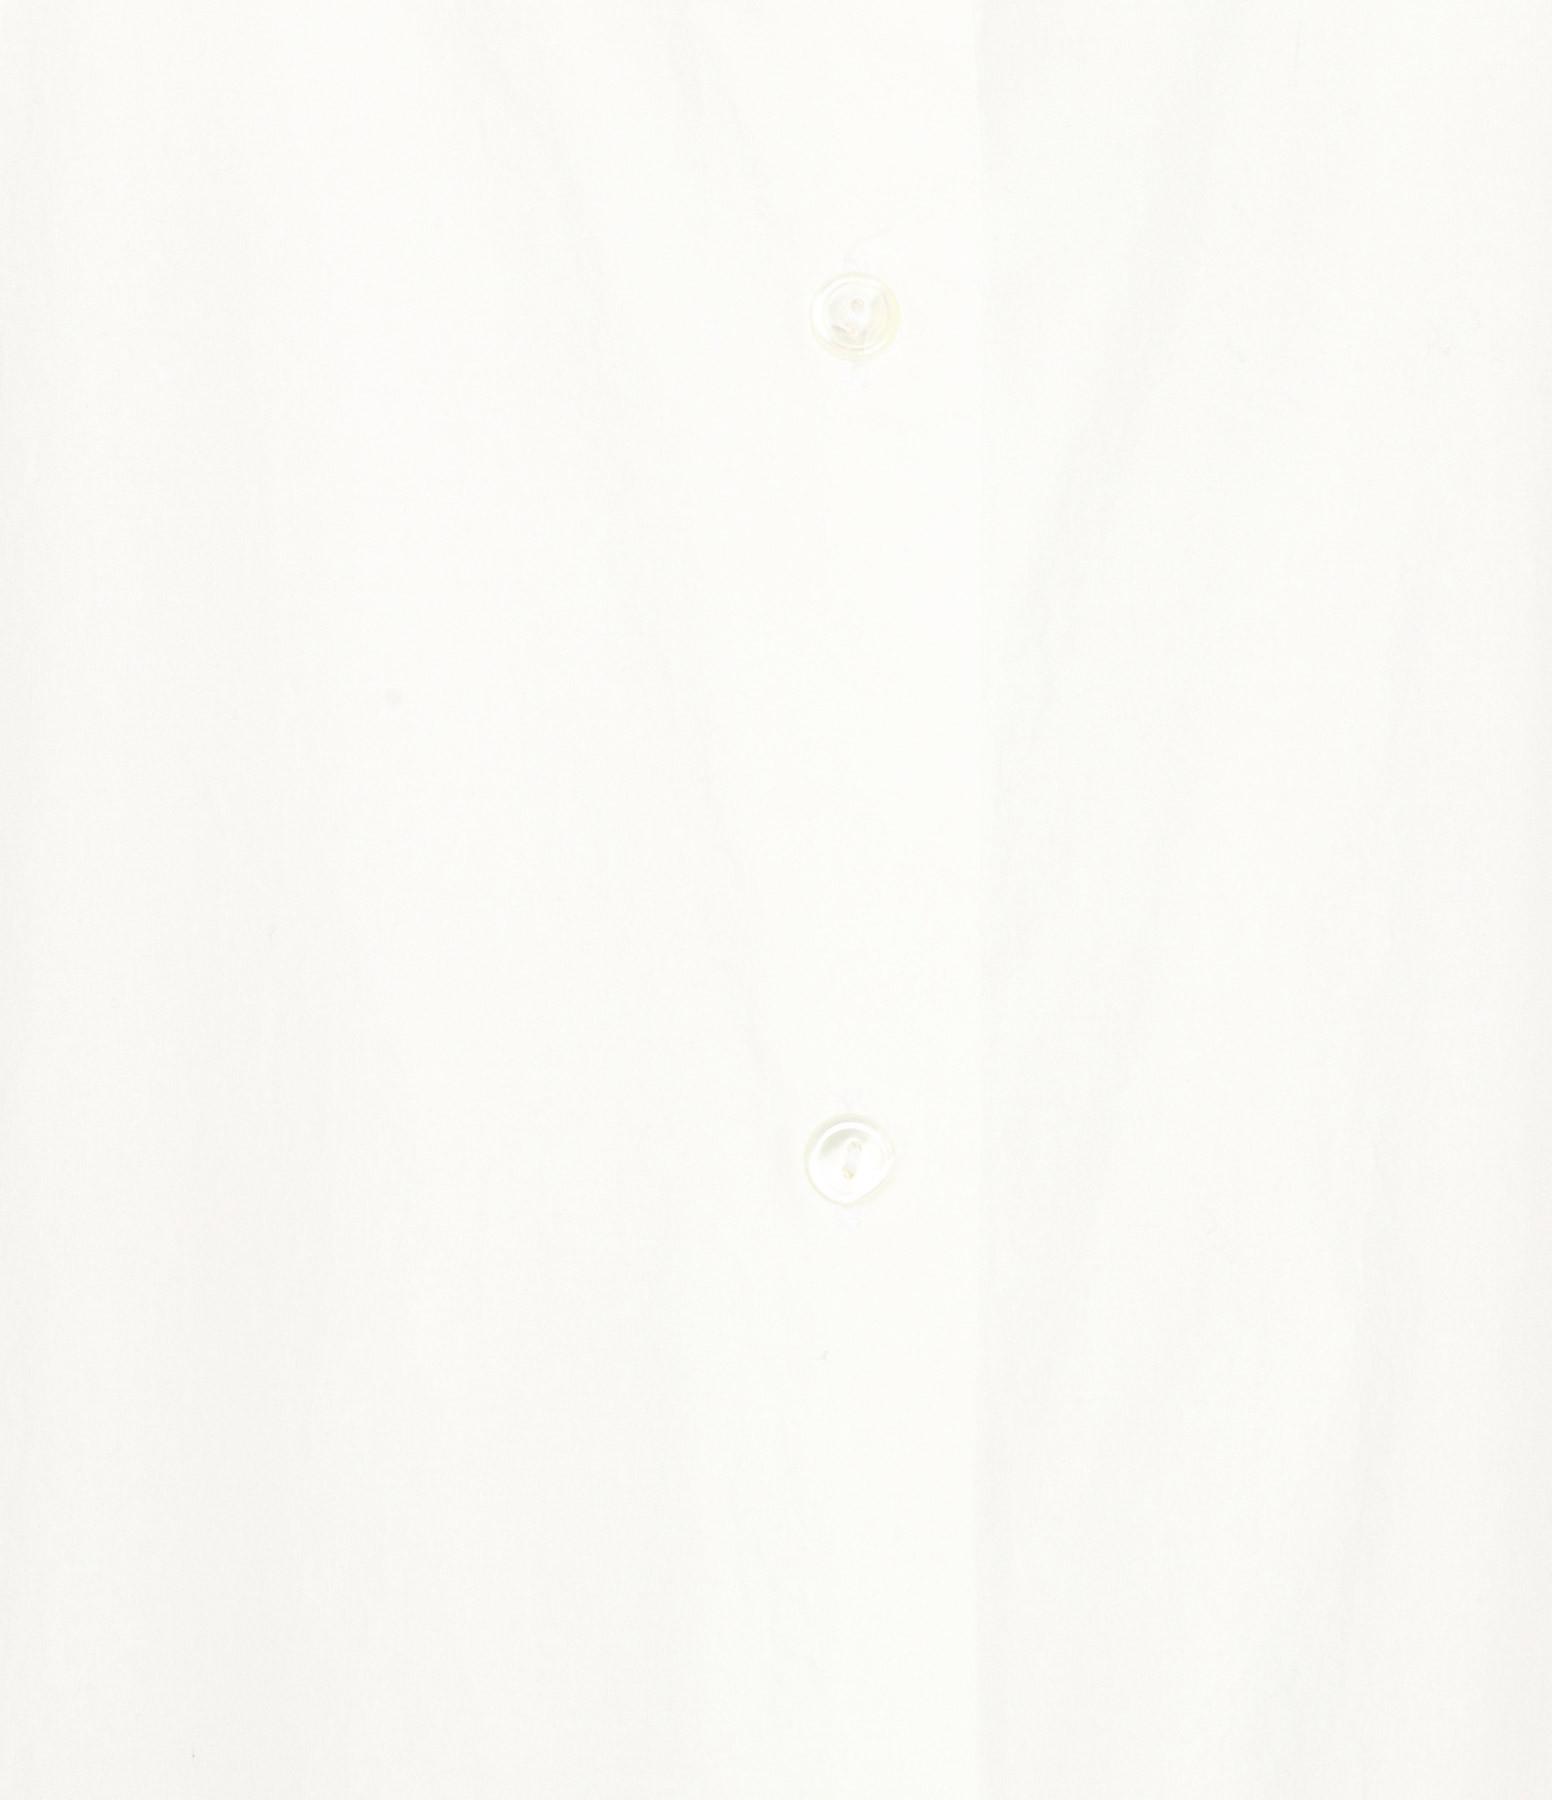 NILI LOTAN - Chemise Yorke Blanc